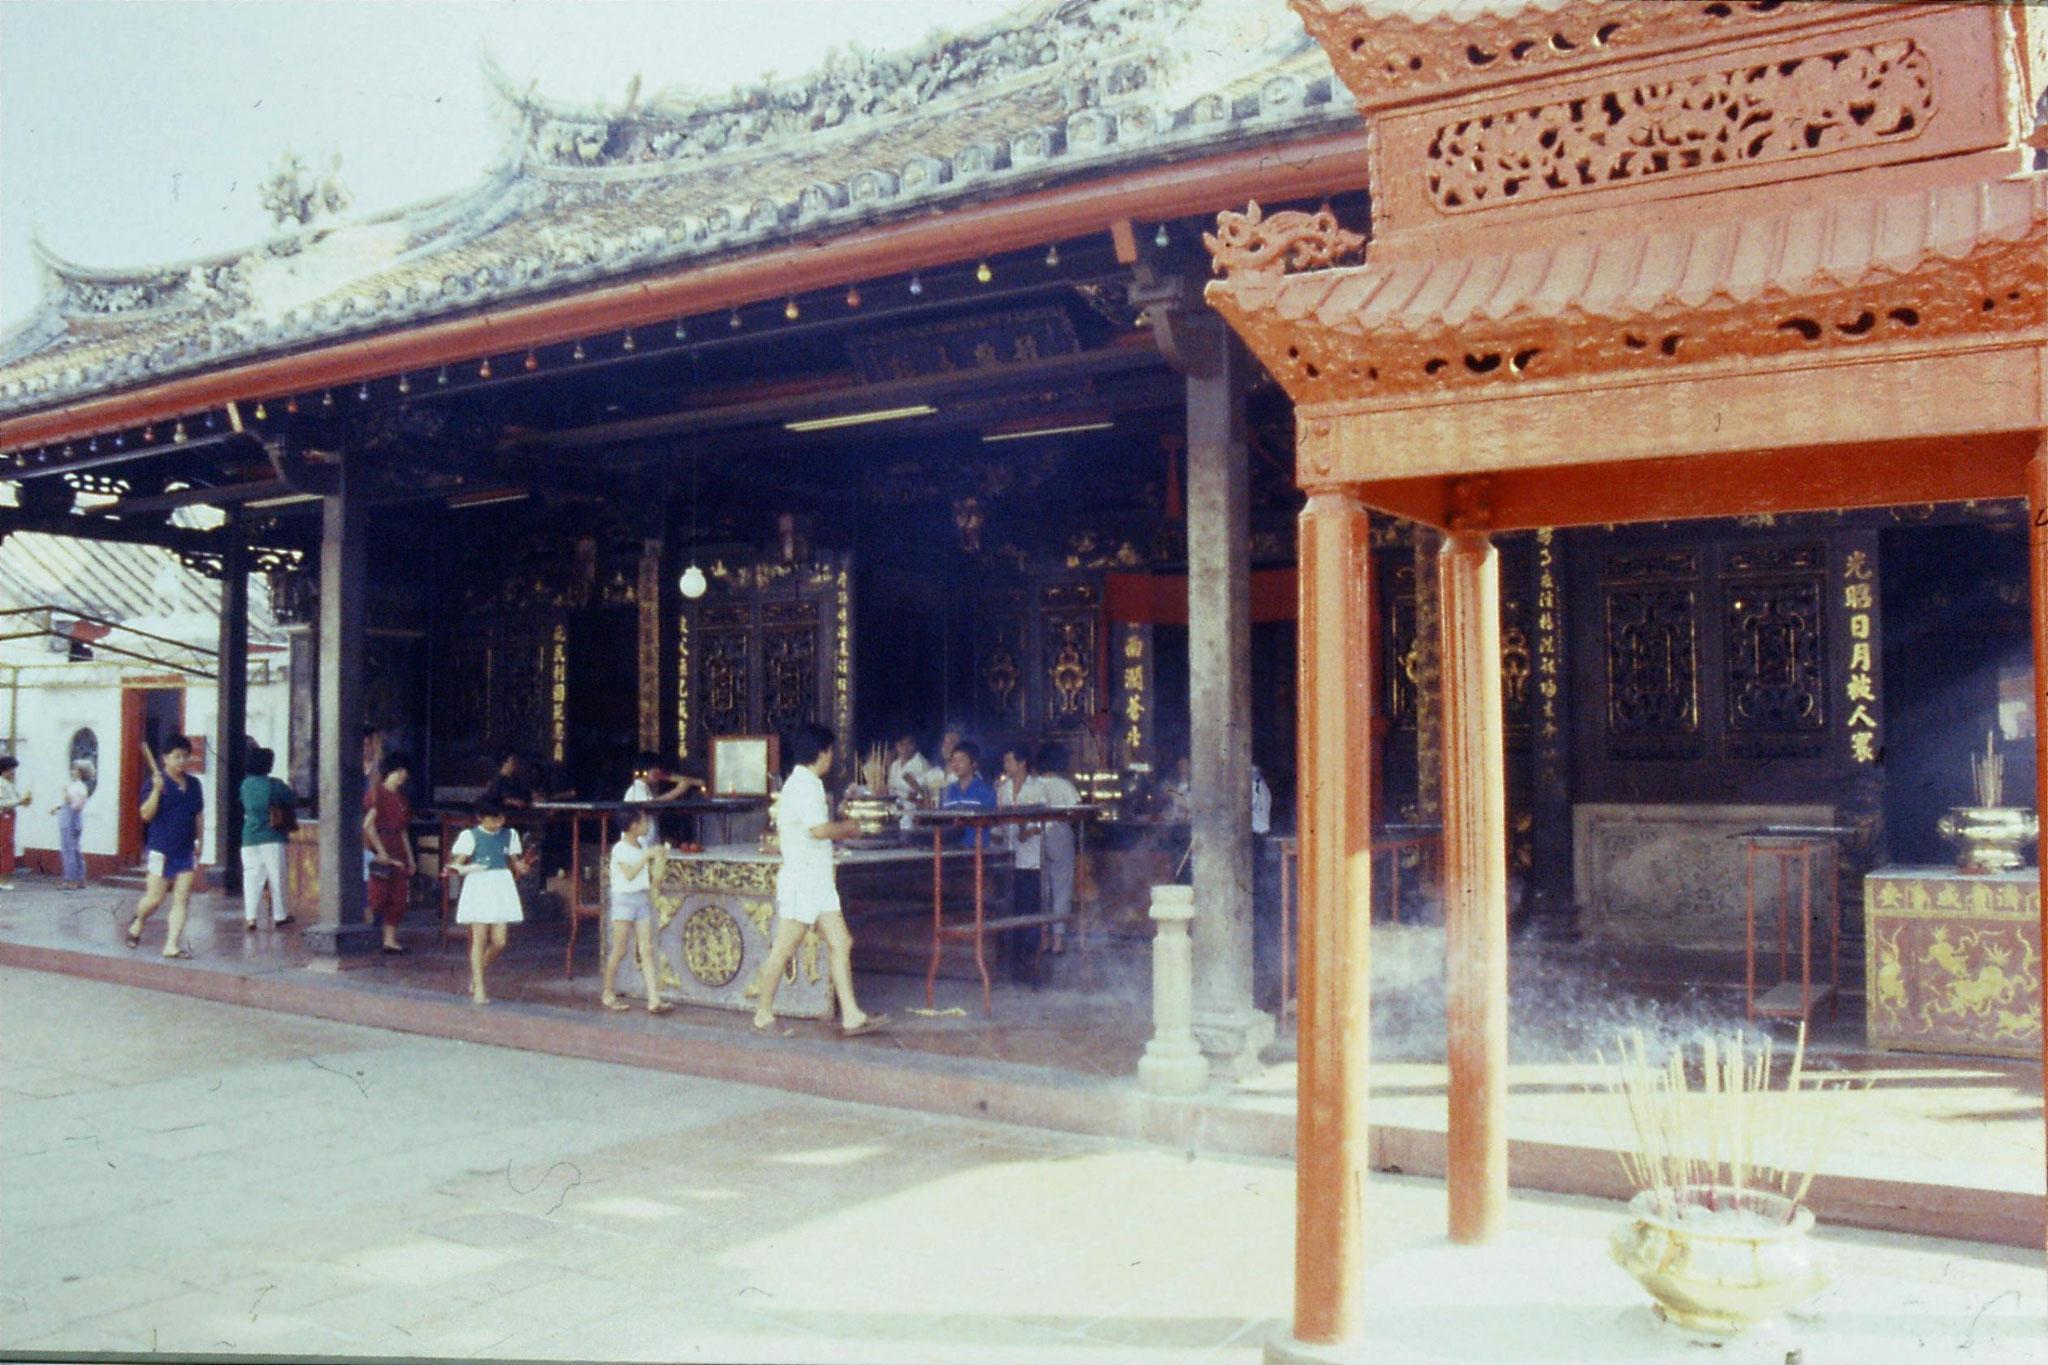 7/7/1990: 0: Melaka